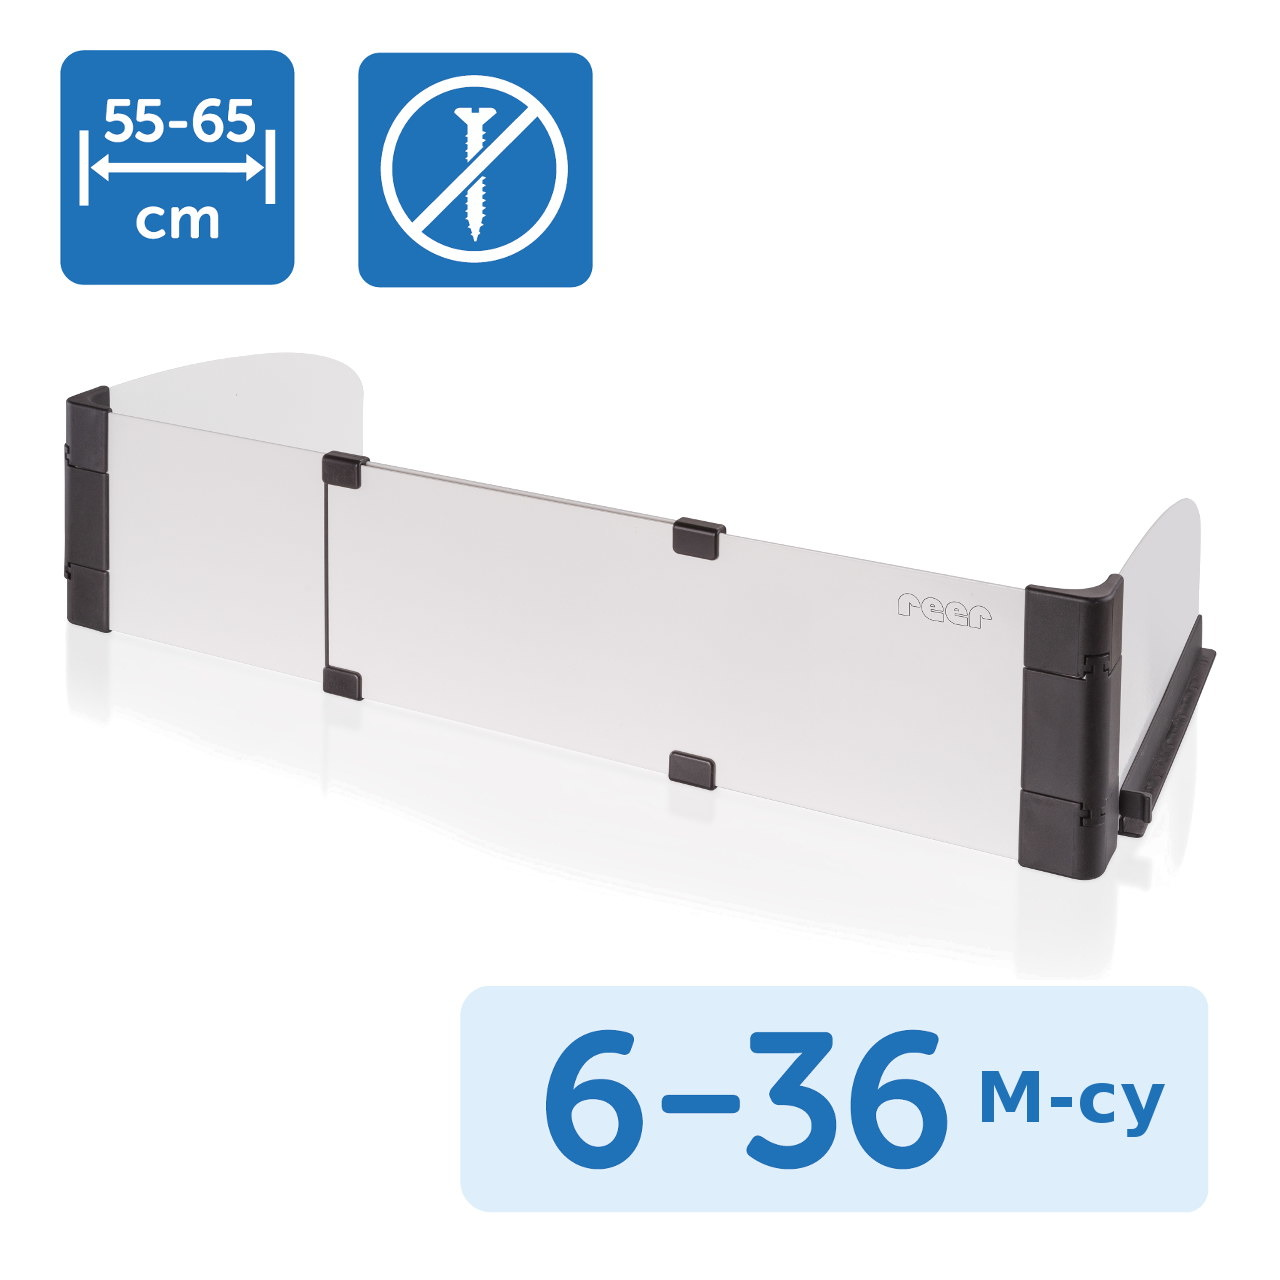 Pokrytie varná doska šírka 55-65 cm REER